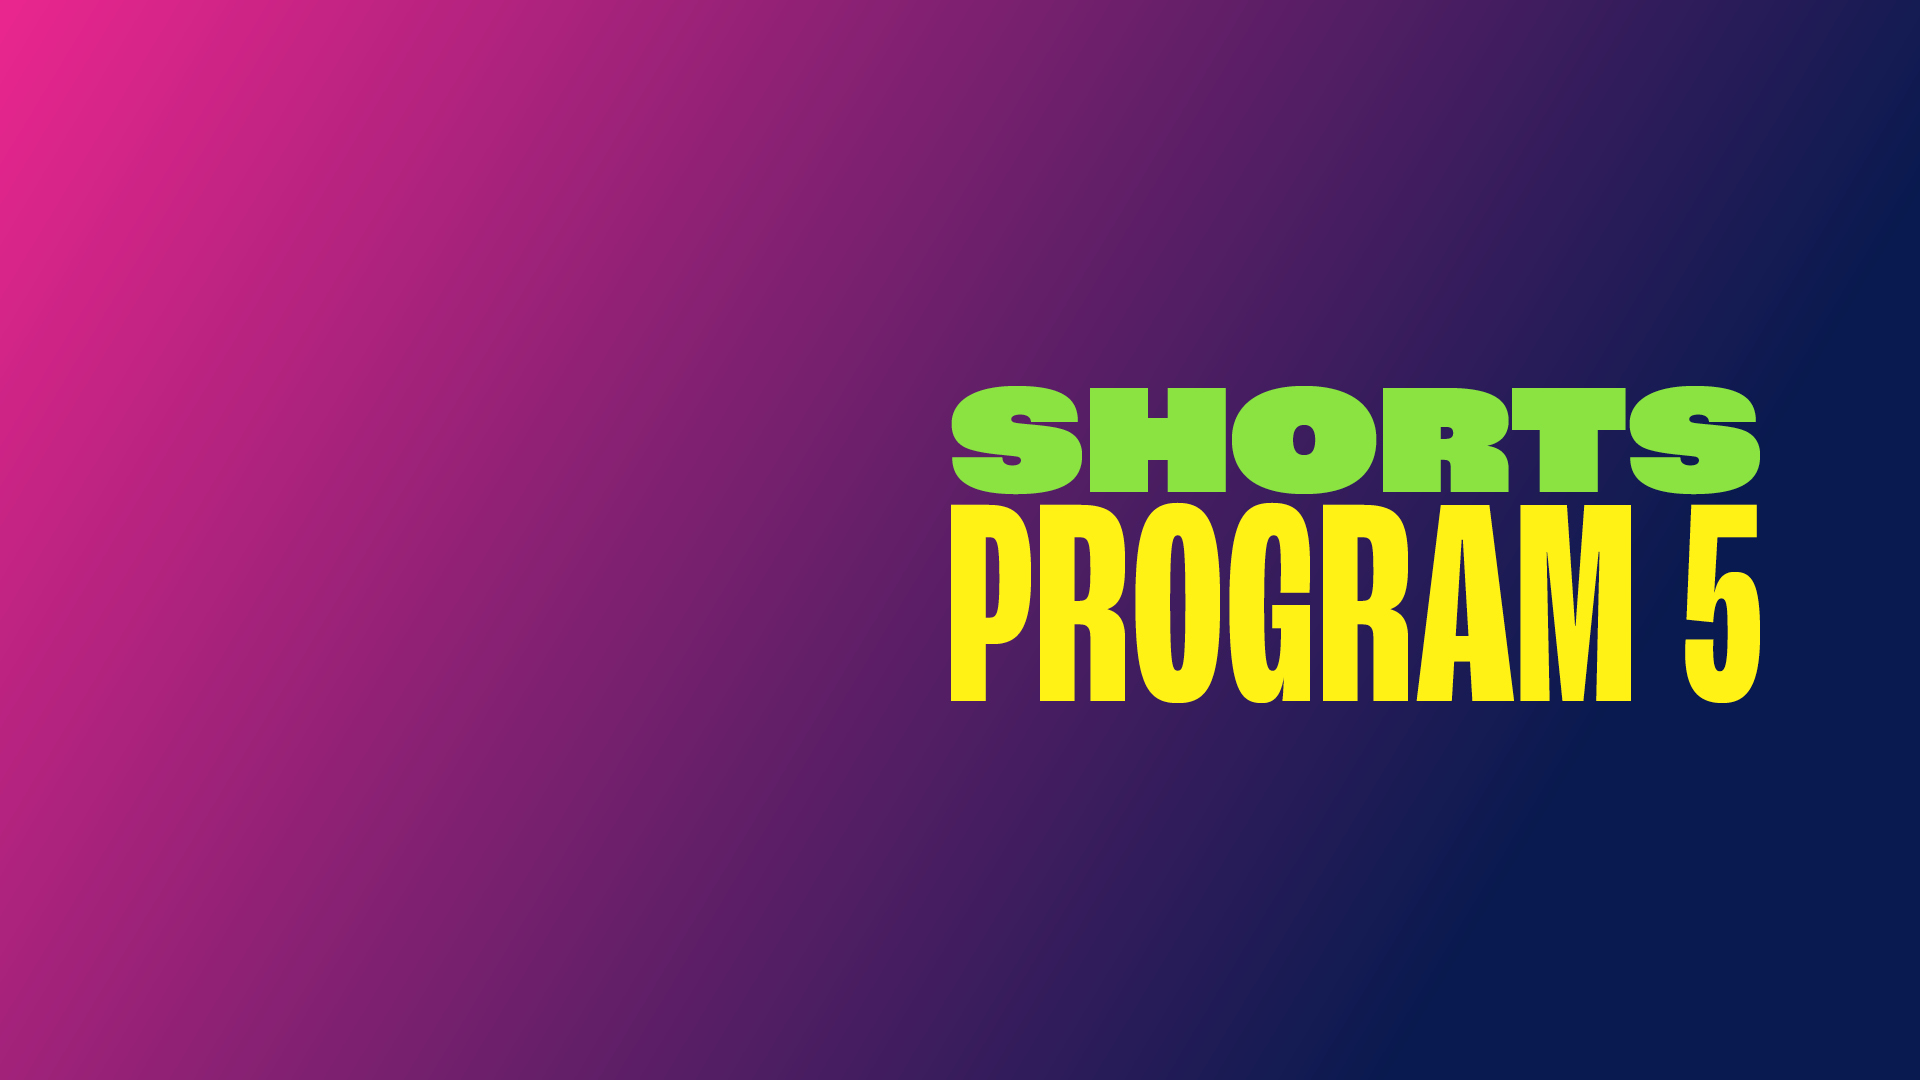 SHORTS PROGRAM 5